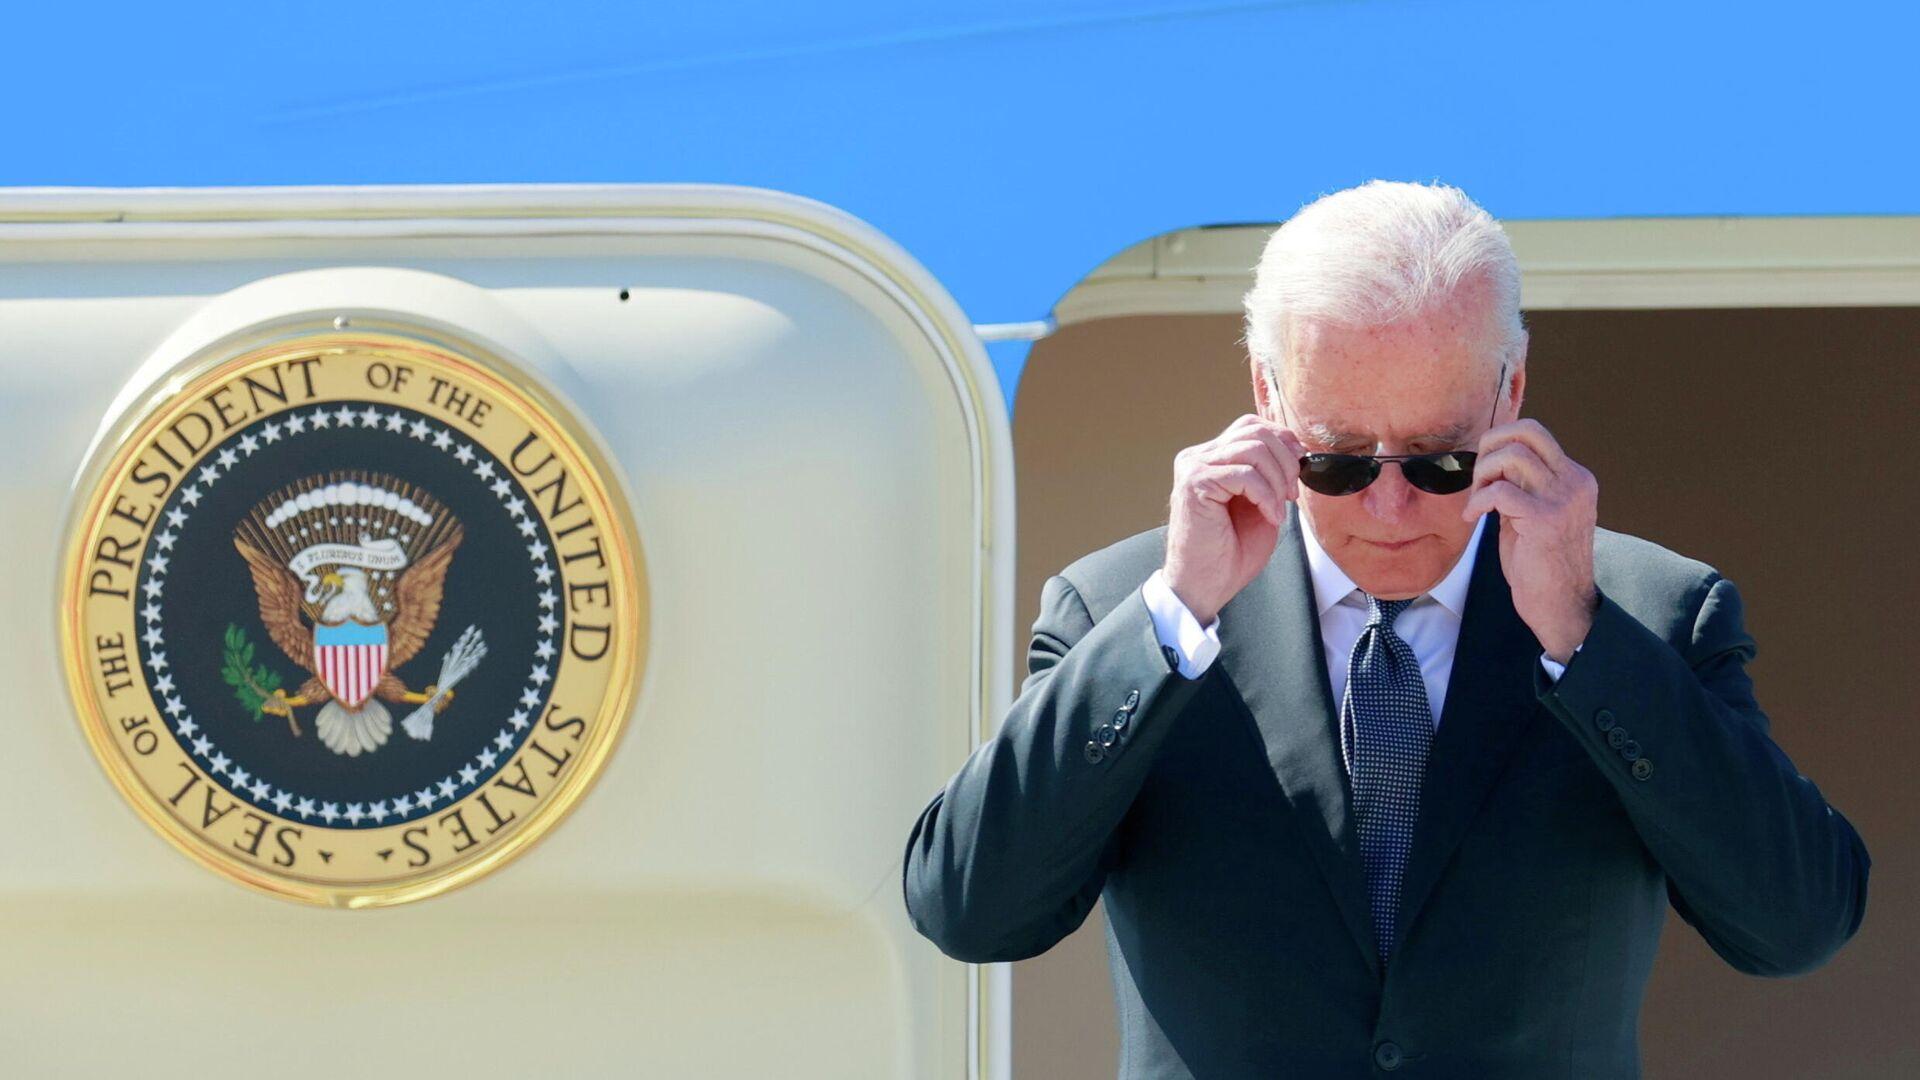 Президент США Джо Байден во время прибытия в Женеву перед встречей с президентом России Владимиром Путиным - РИА Новости, 1920, 09.07.2021